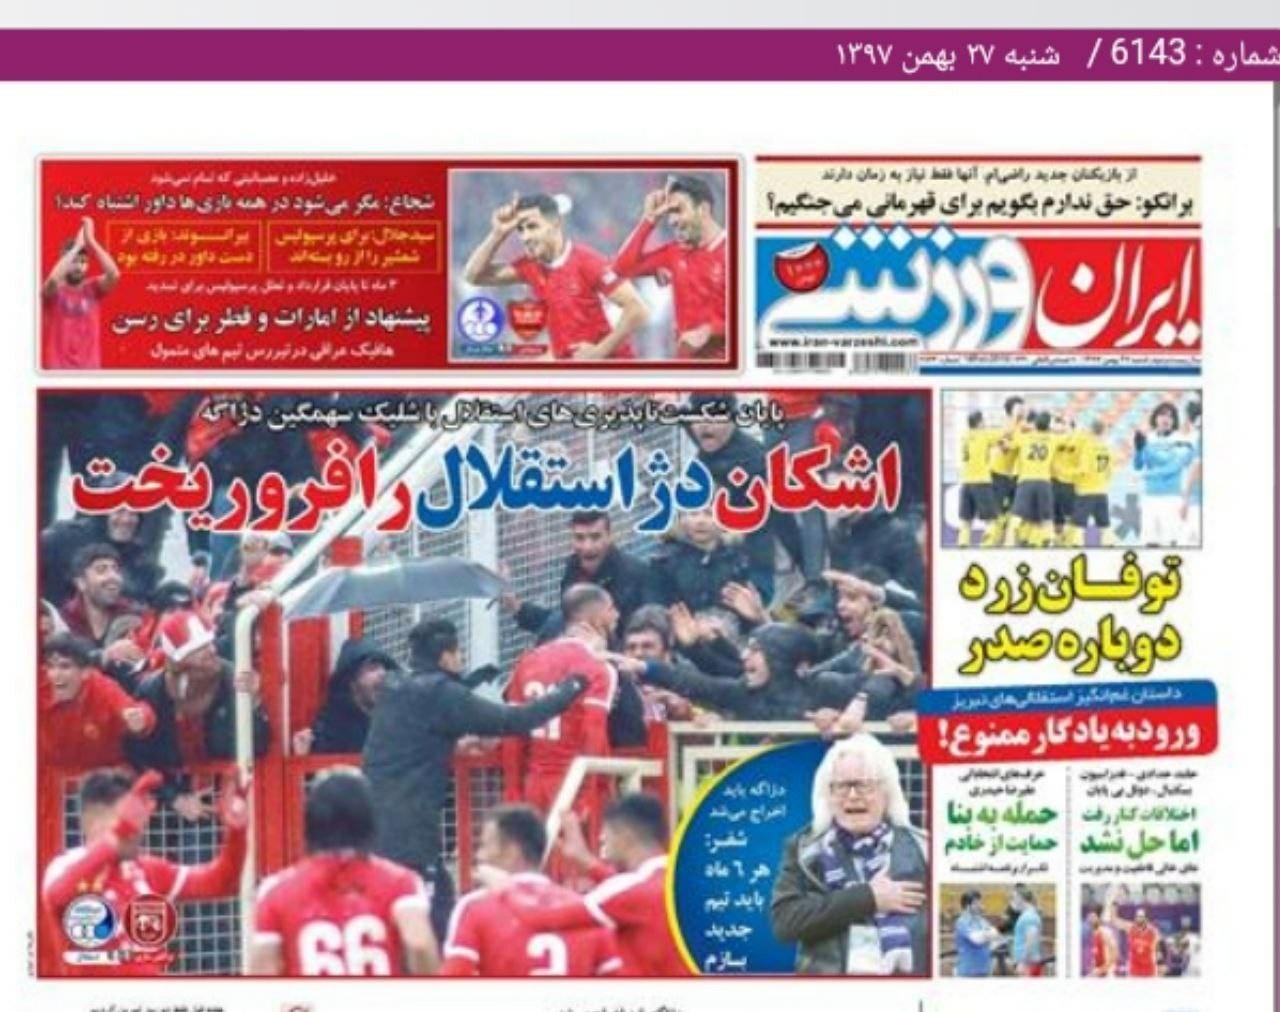 ایران ورزشی - ۲۷ بهمن